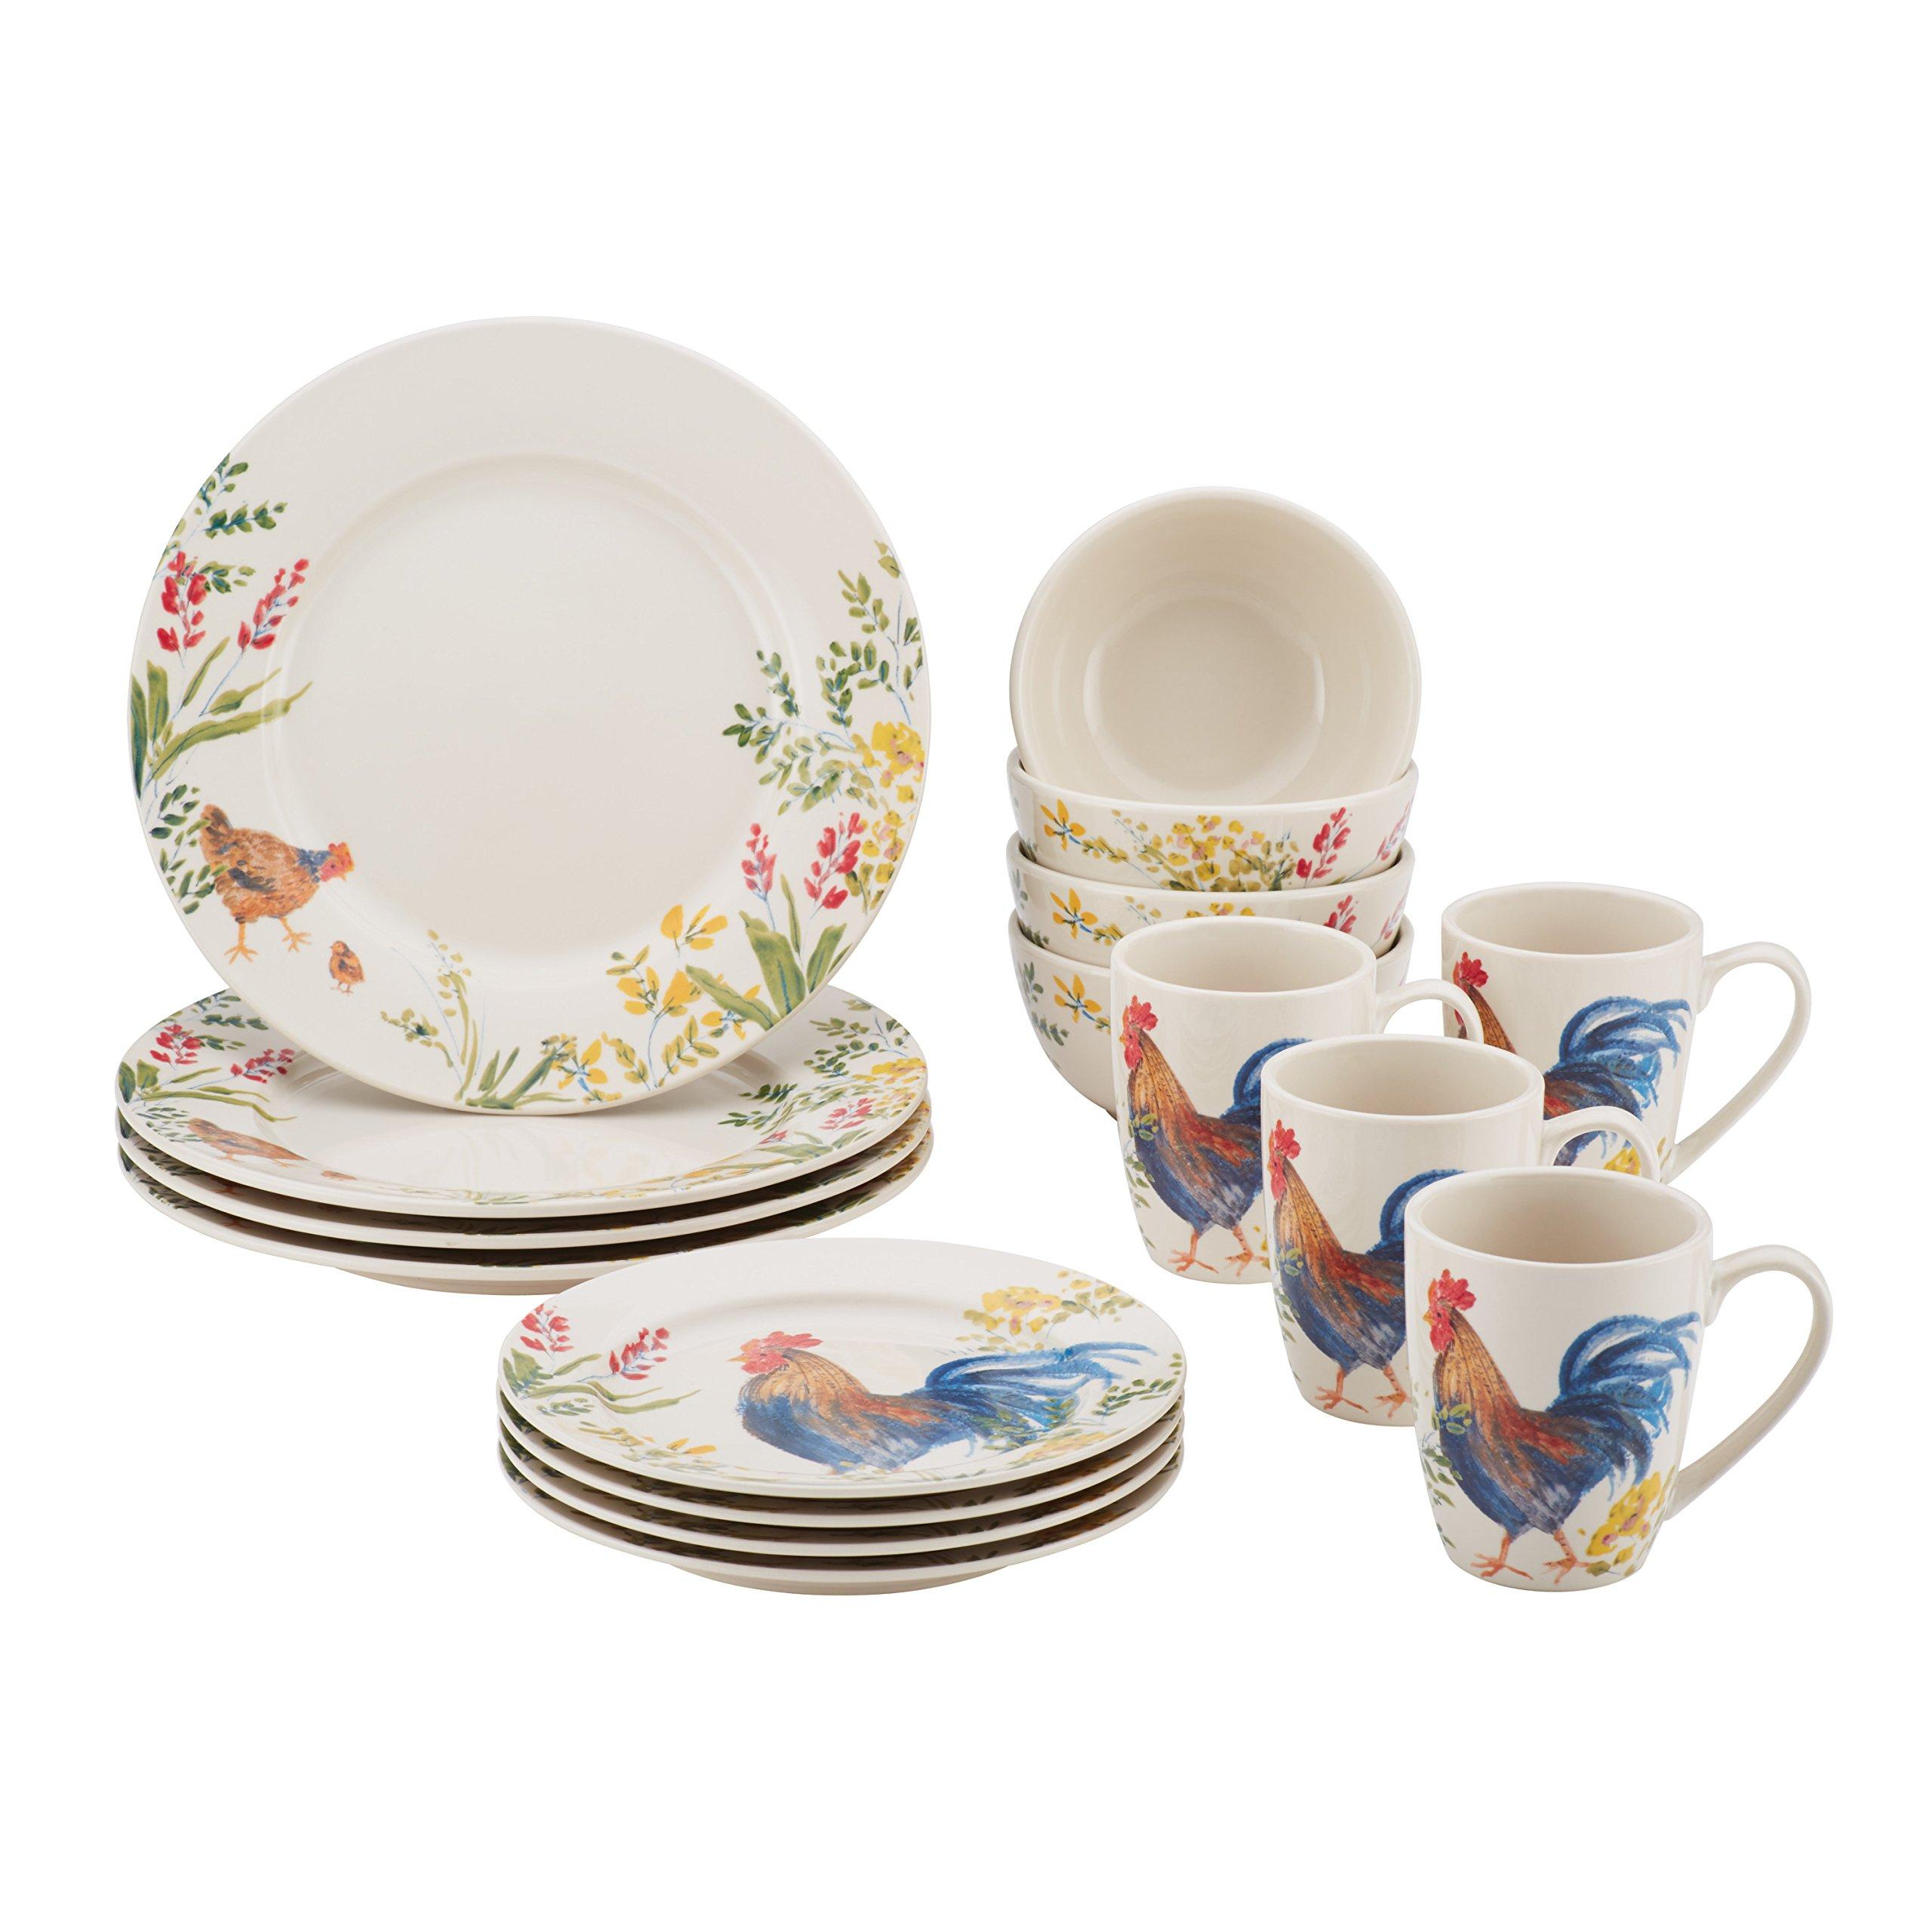 16 Piece Garden Rooster Dinnerware Set Kitchen Barn Country ...